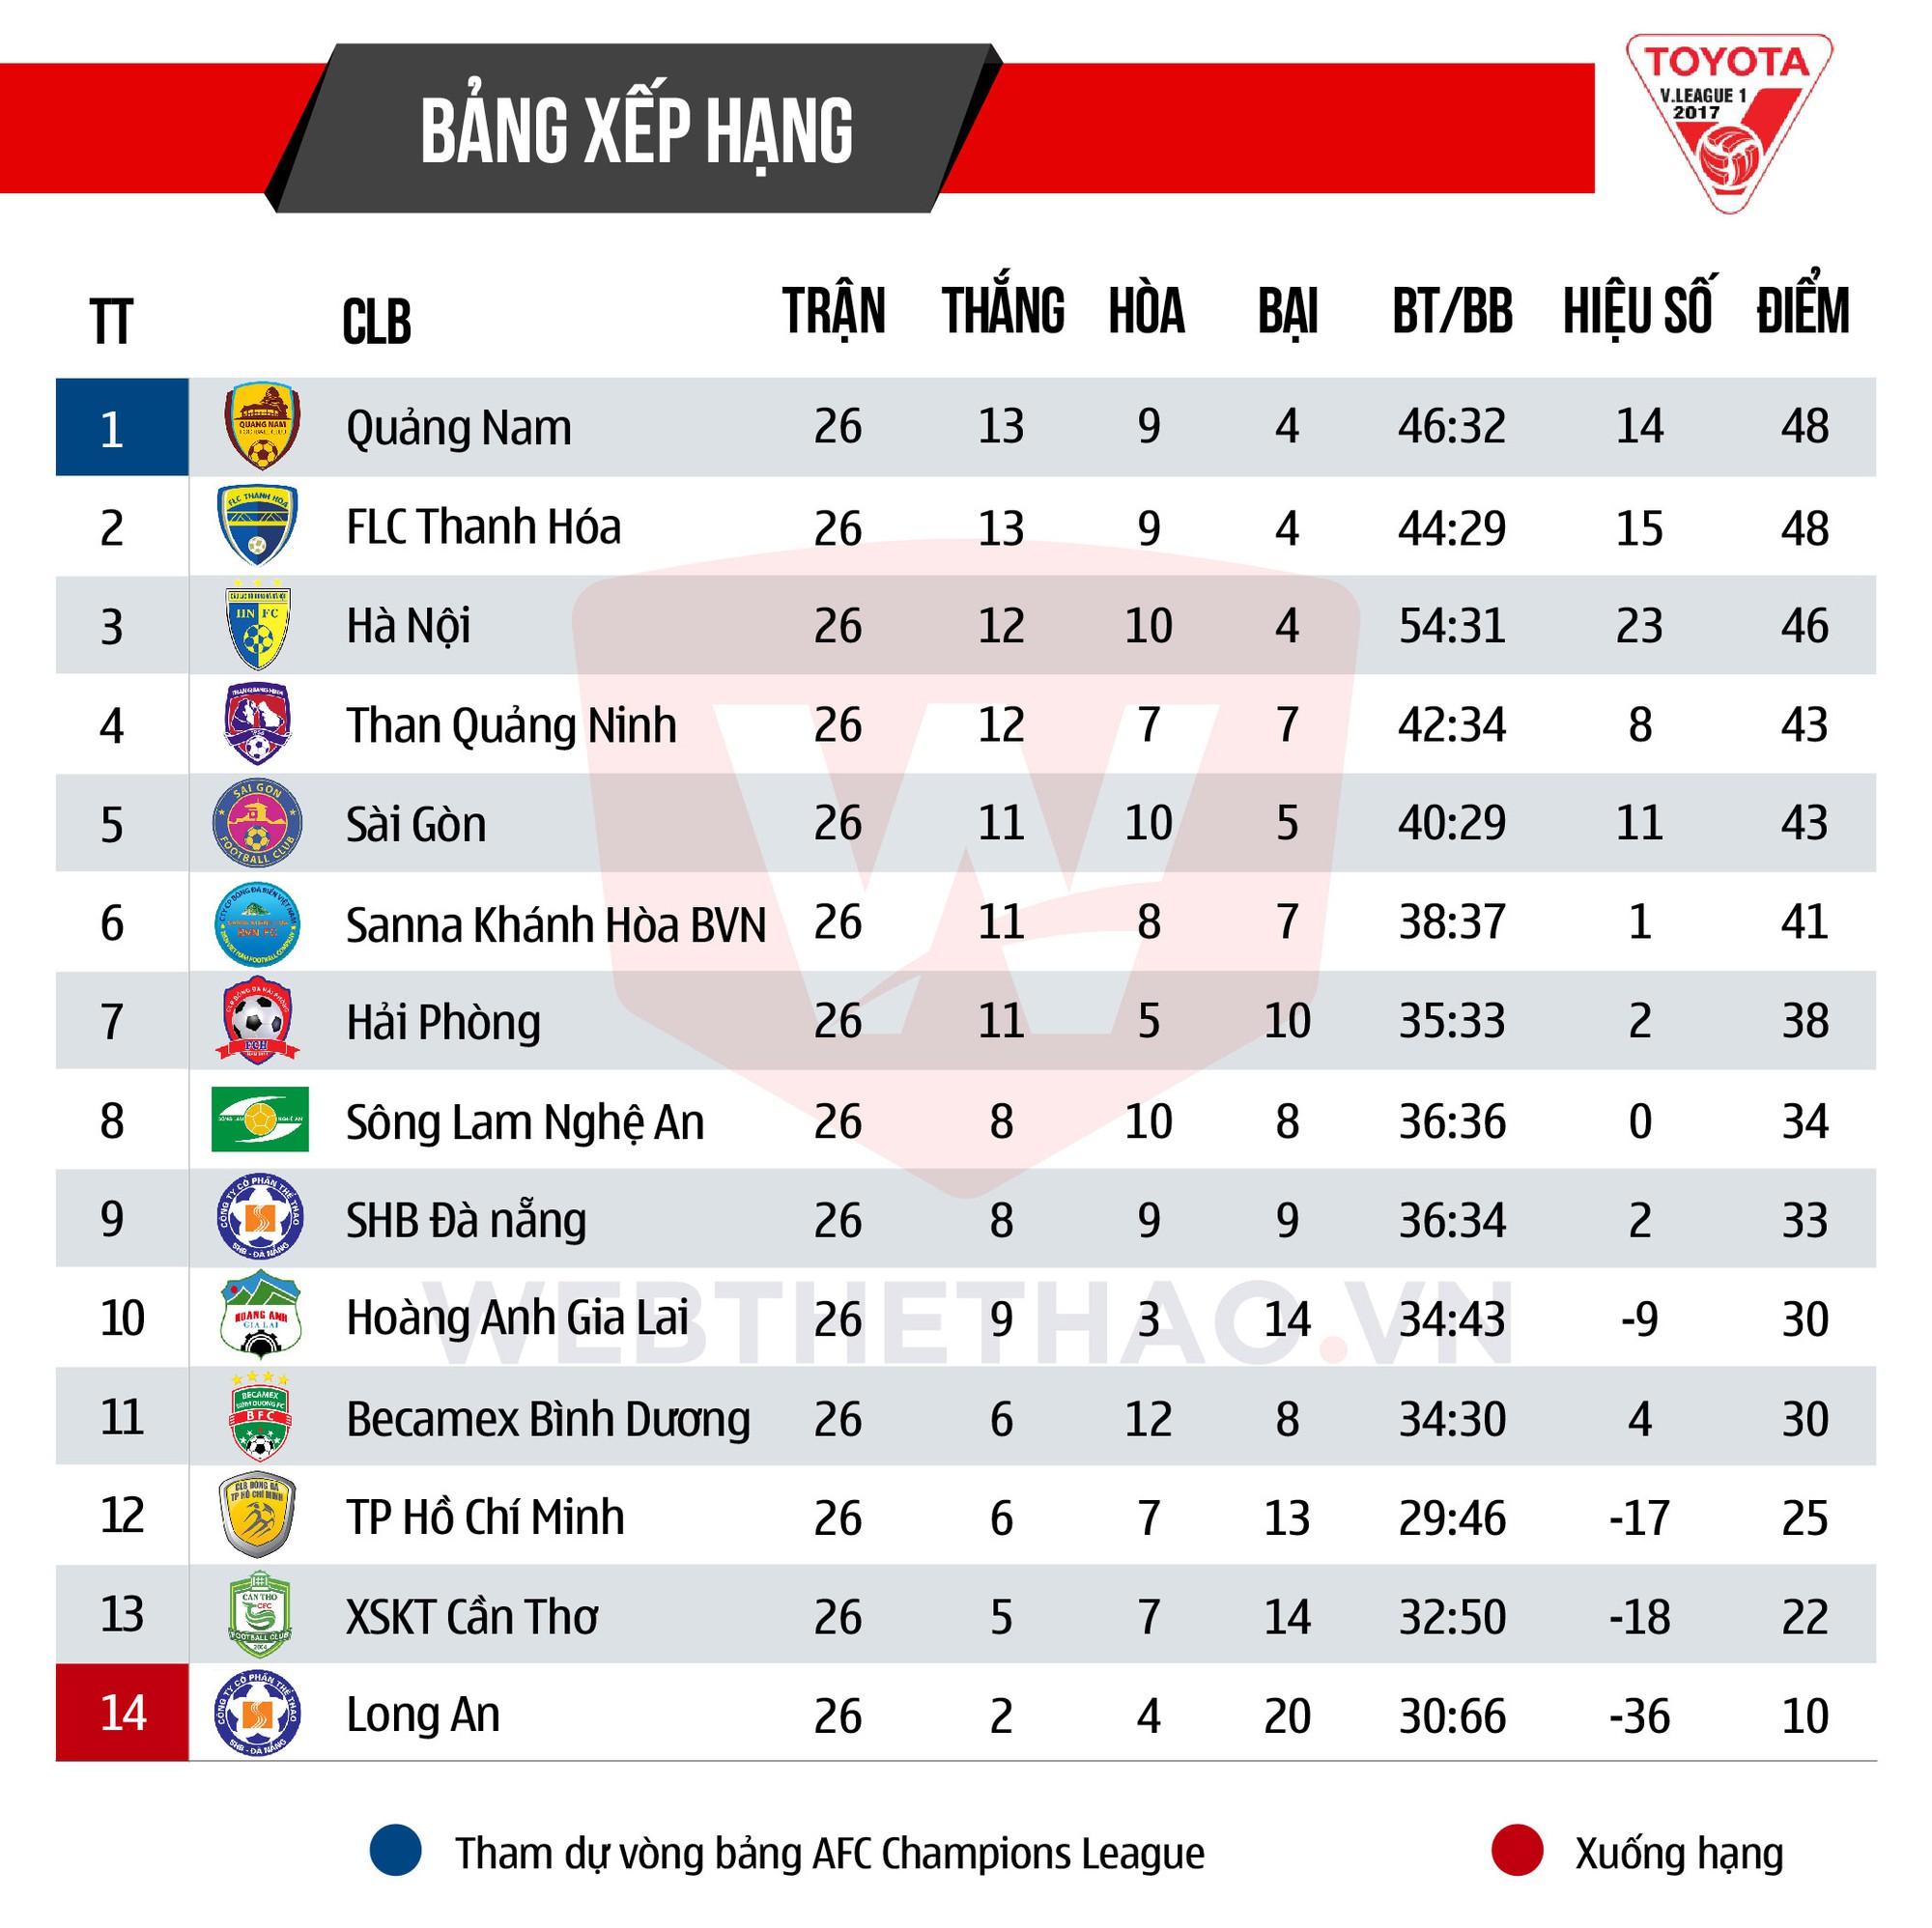 Bảng Xếp Hạng V League 2017